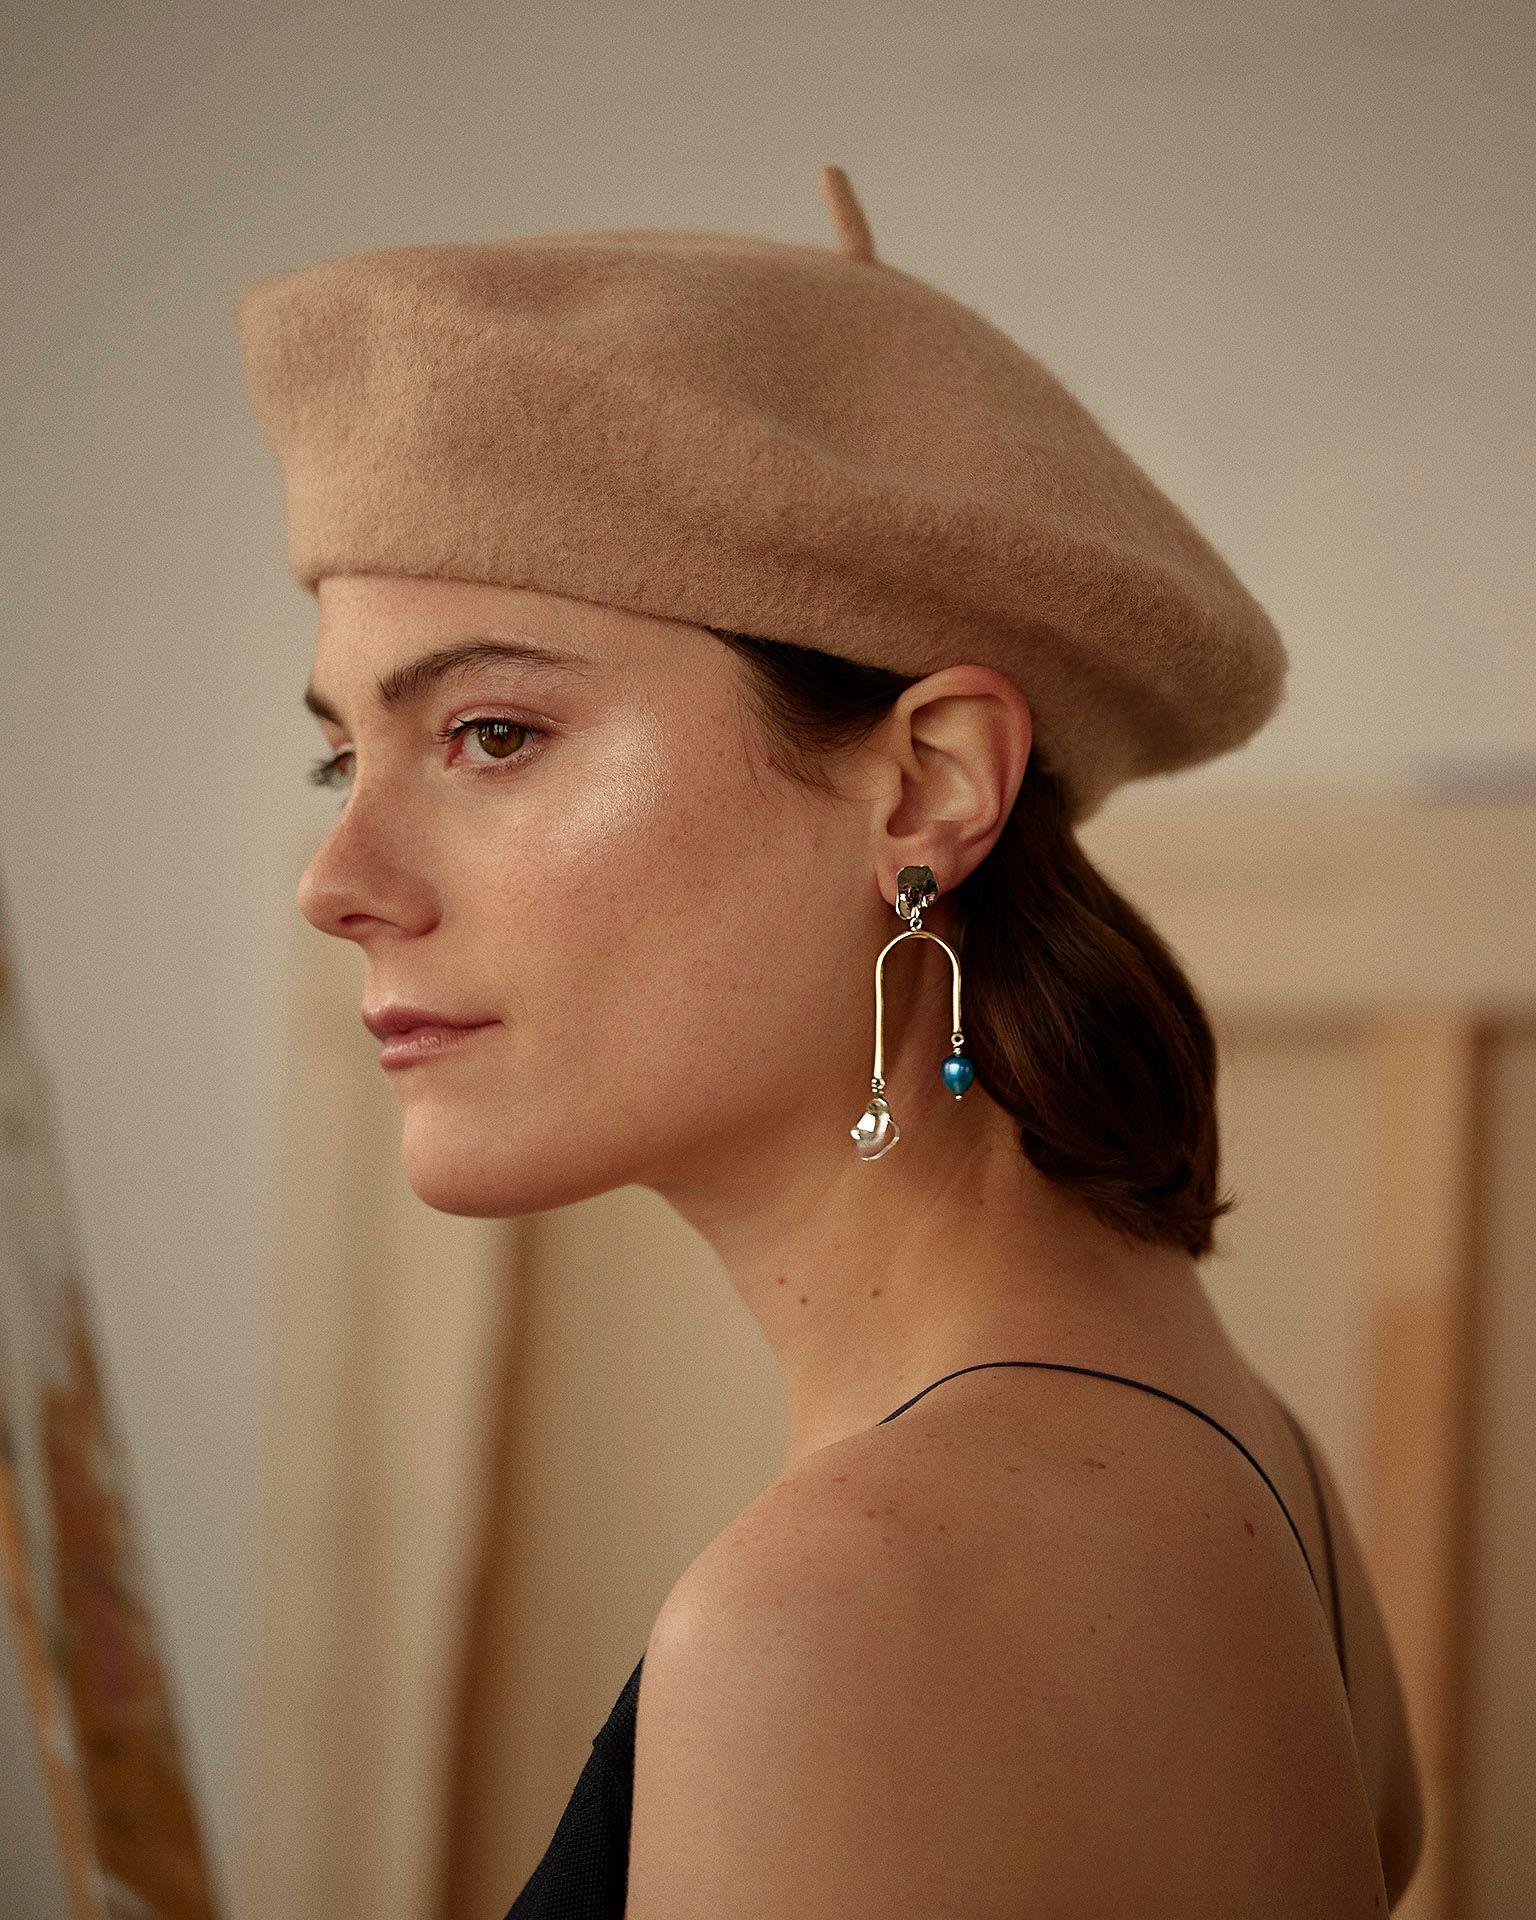 woman wearing earing by Nina.Nanas by Maxyme G Delisle